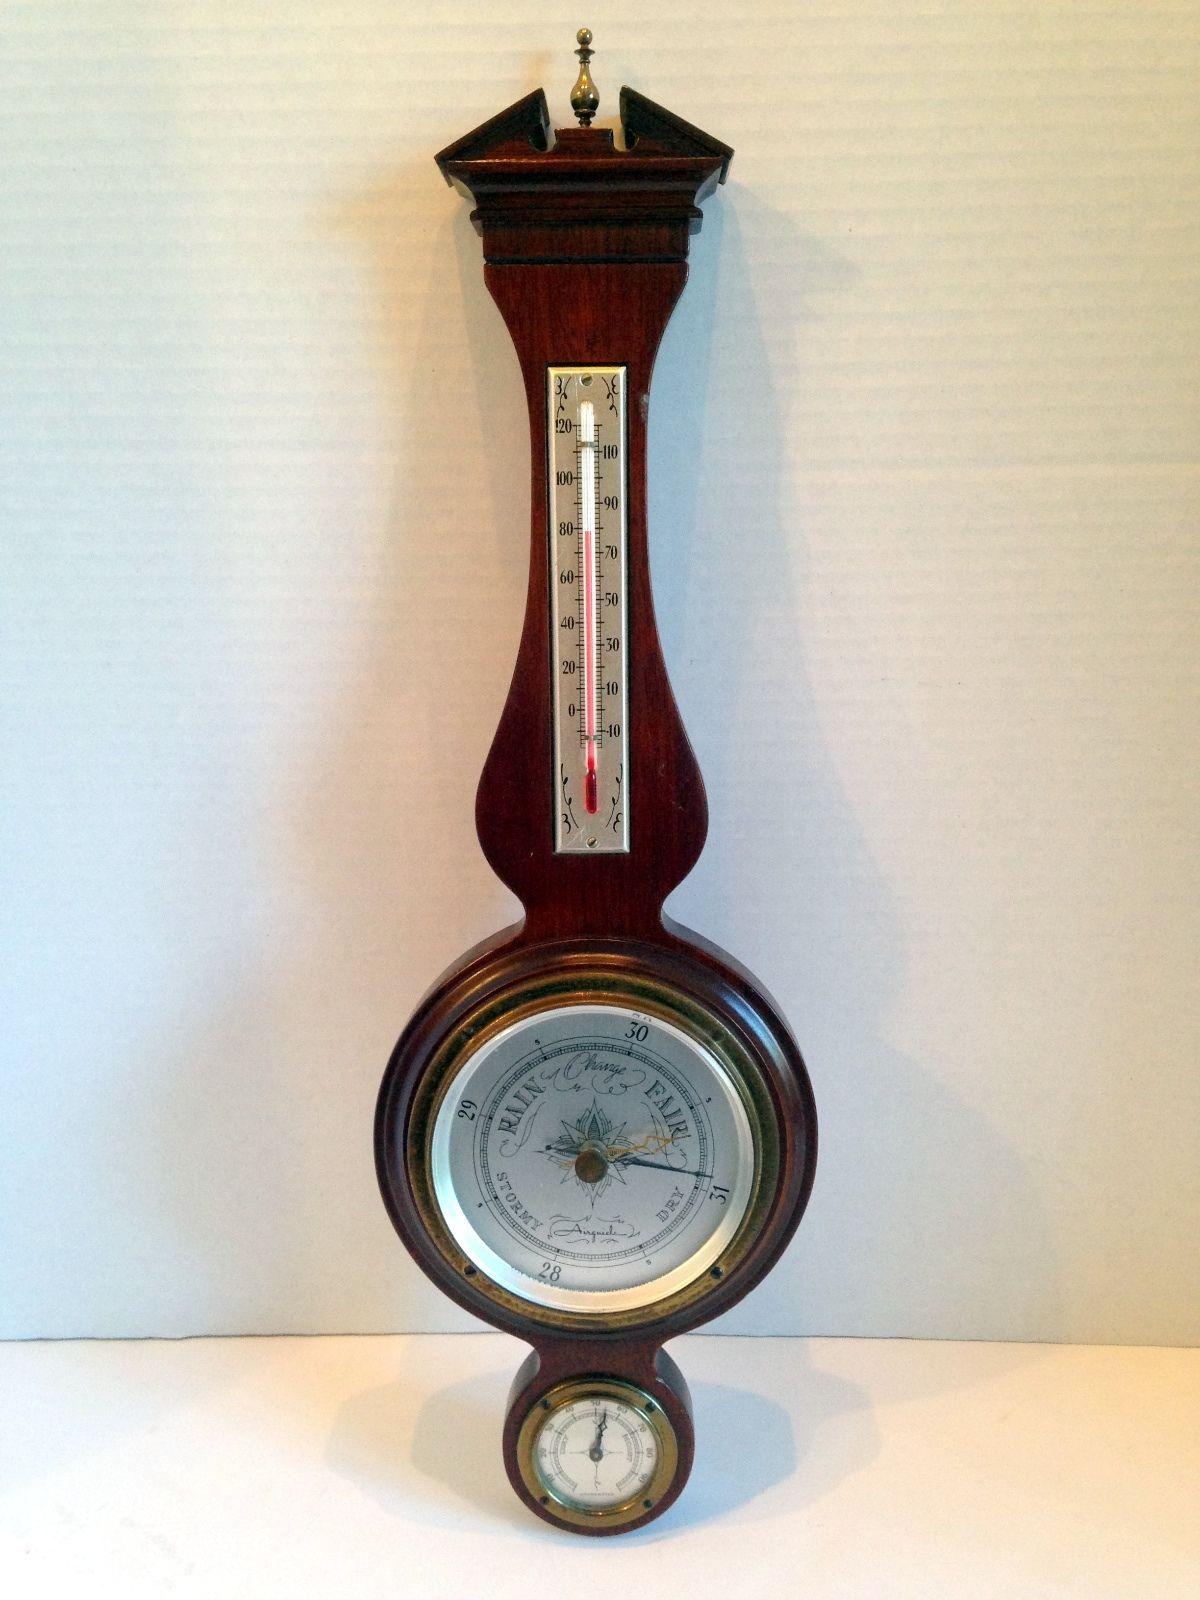 Vintage Midcentury Mahogany Airguide Banjo Wall Barometer